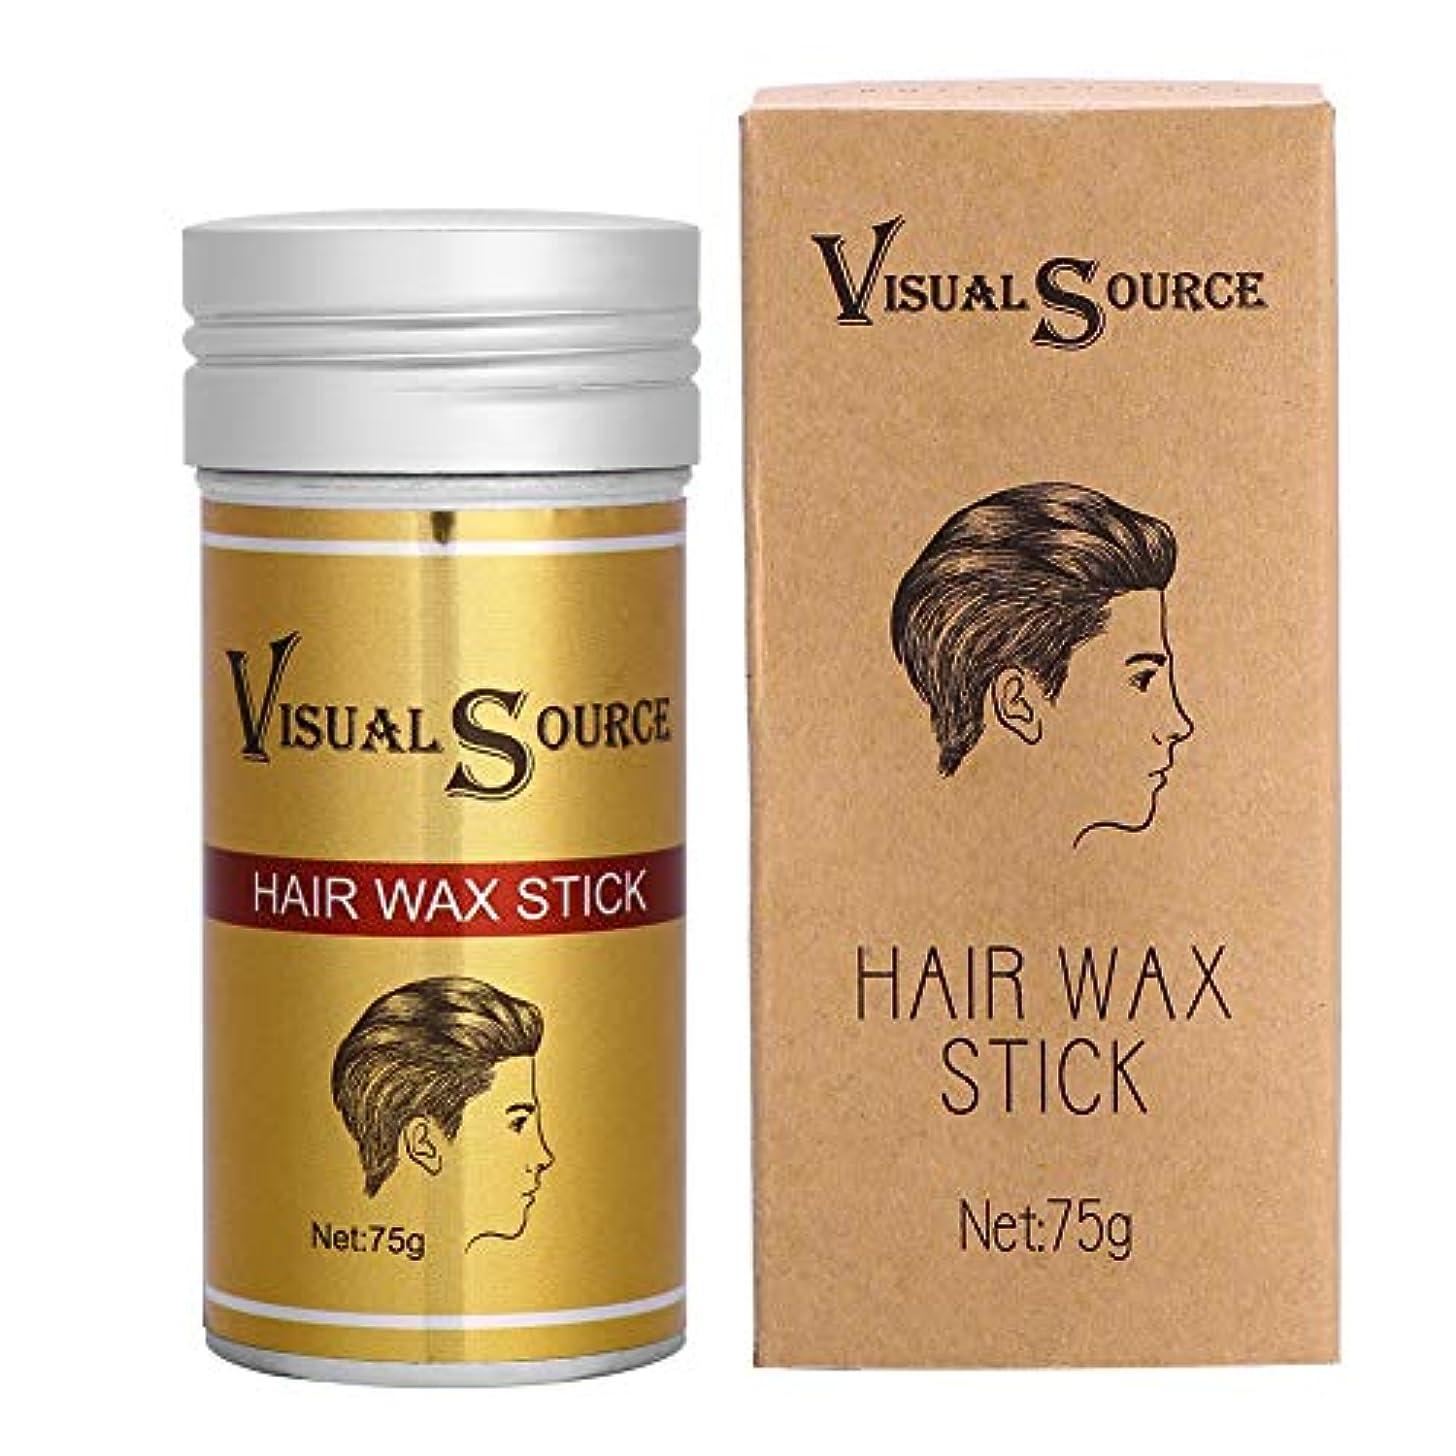 改善する慢なおかしいヘアスタイリングワックス、75g /ボトルヘアワックススティックロングラストナチュラルヘアスタイルモデルスタイリングブロークンヘアジェルワックスクリーム